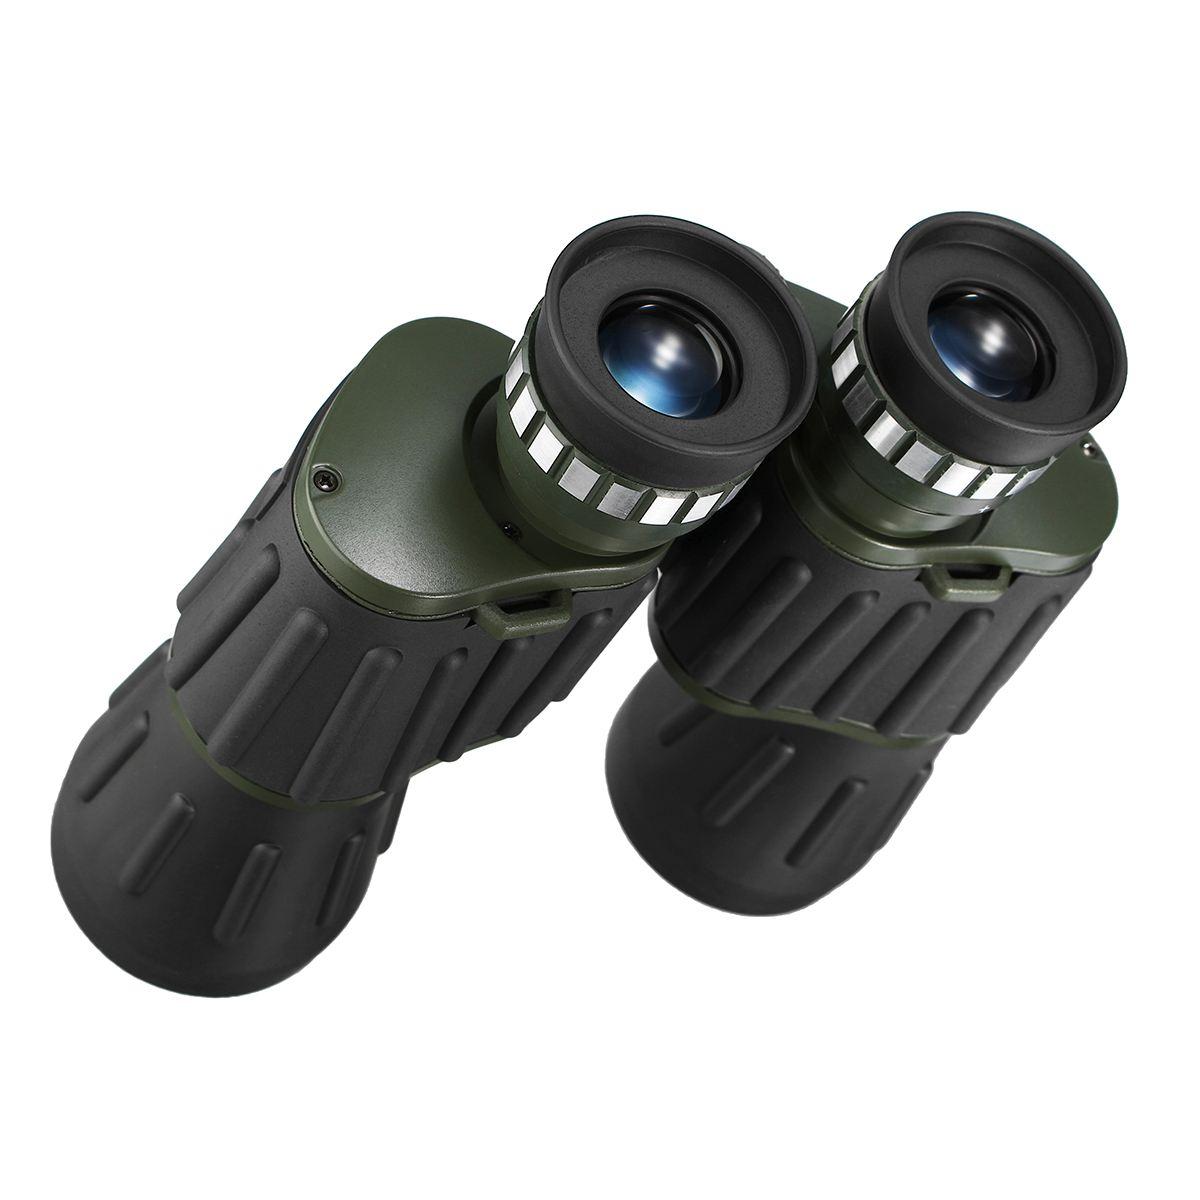 Bolsa De Almacenamiento Ejército Militar 60x50 Zoom Prismáticos Óptica de Caza Camping Día//noche